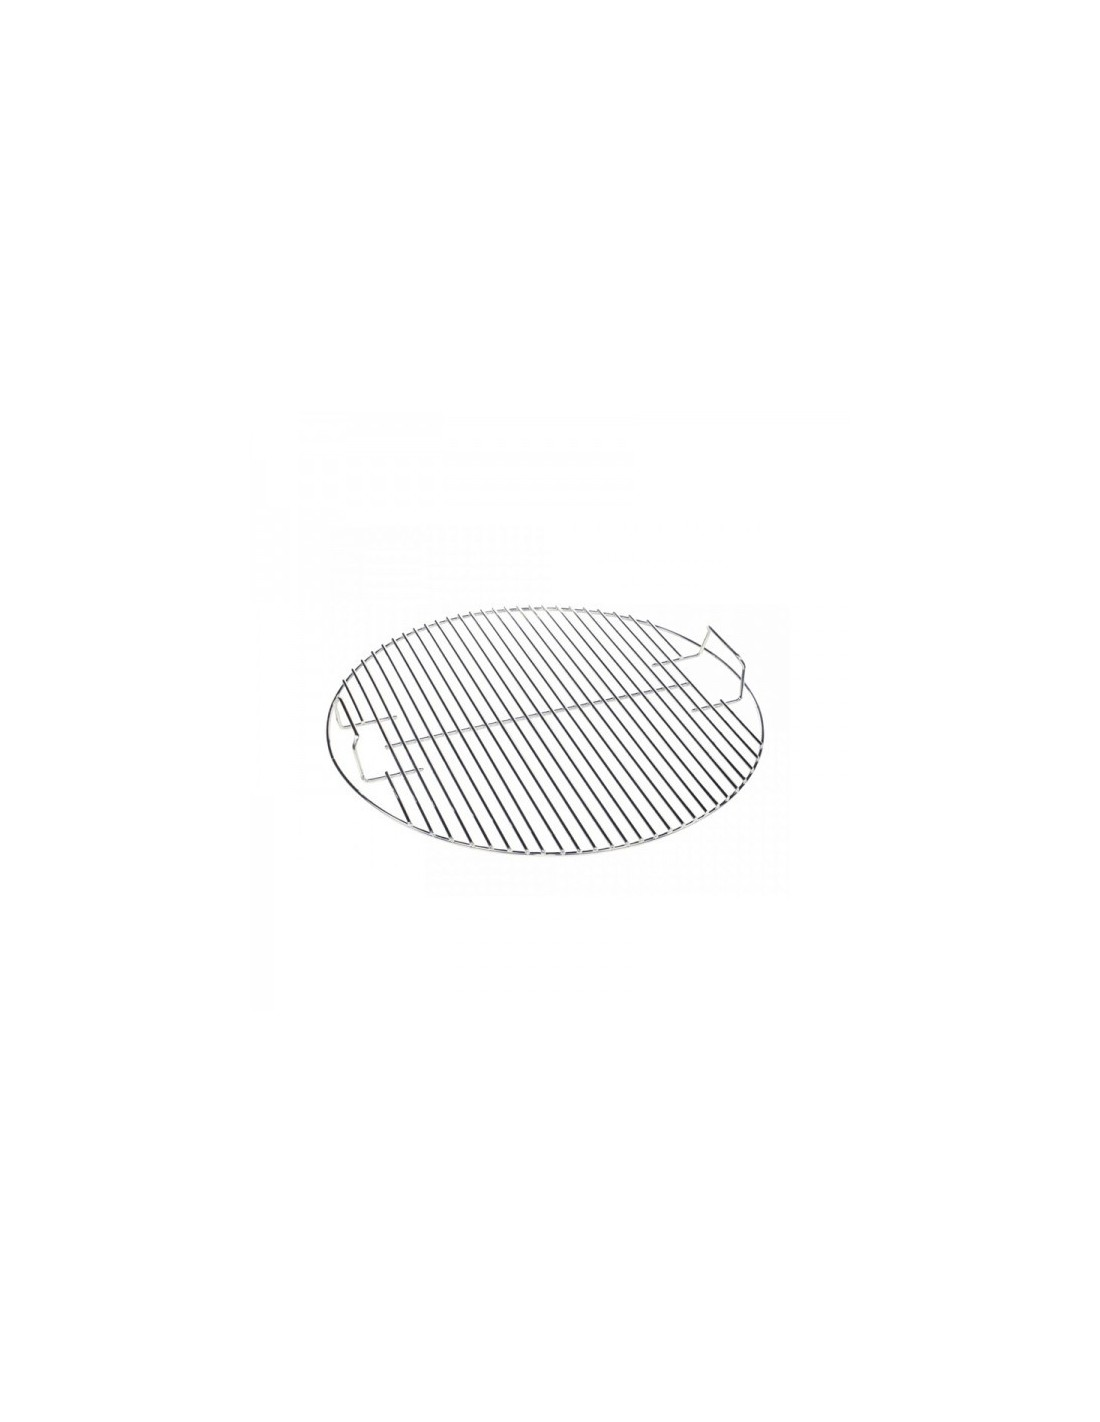 Grille de cuisson chrom e pour barbecue charbon diam tre 57 cm weber - Grille de barbecue weber ...